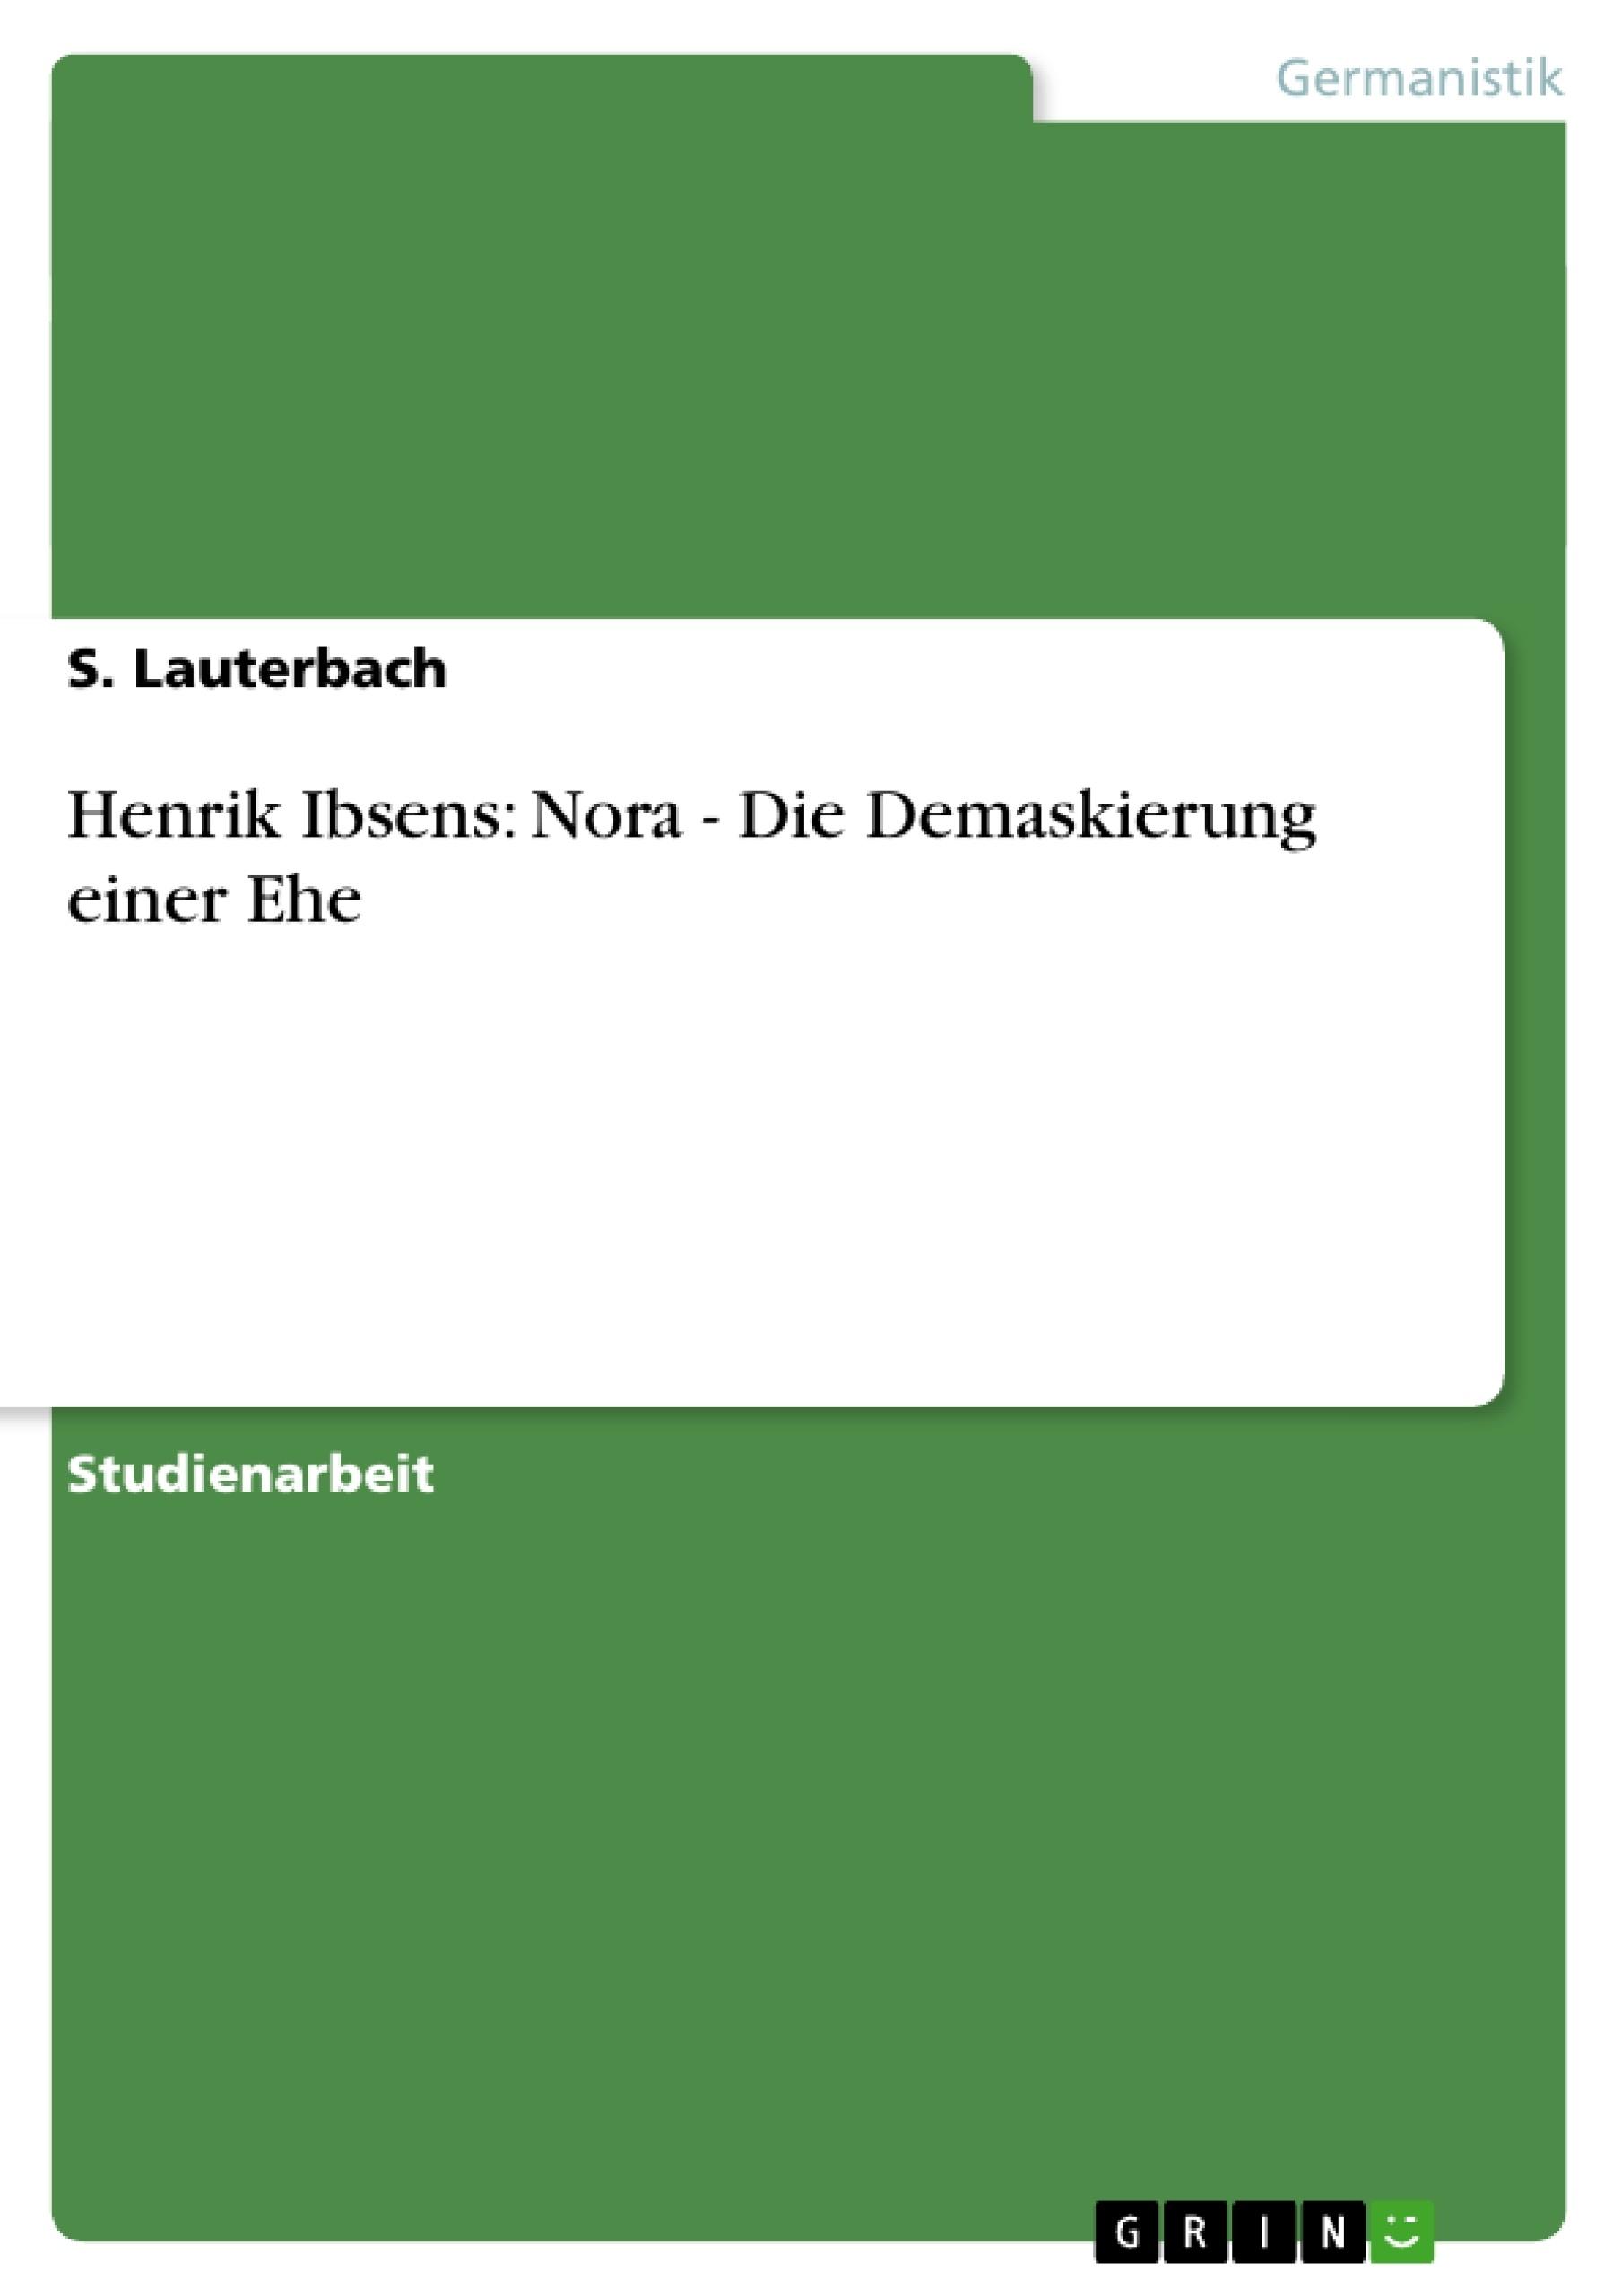 Titel: Henrik Ibsens: Nora - Die Demaskierung einer Ehe